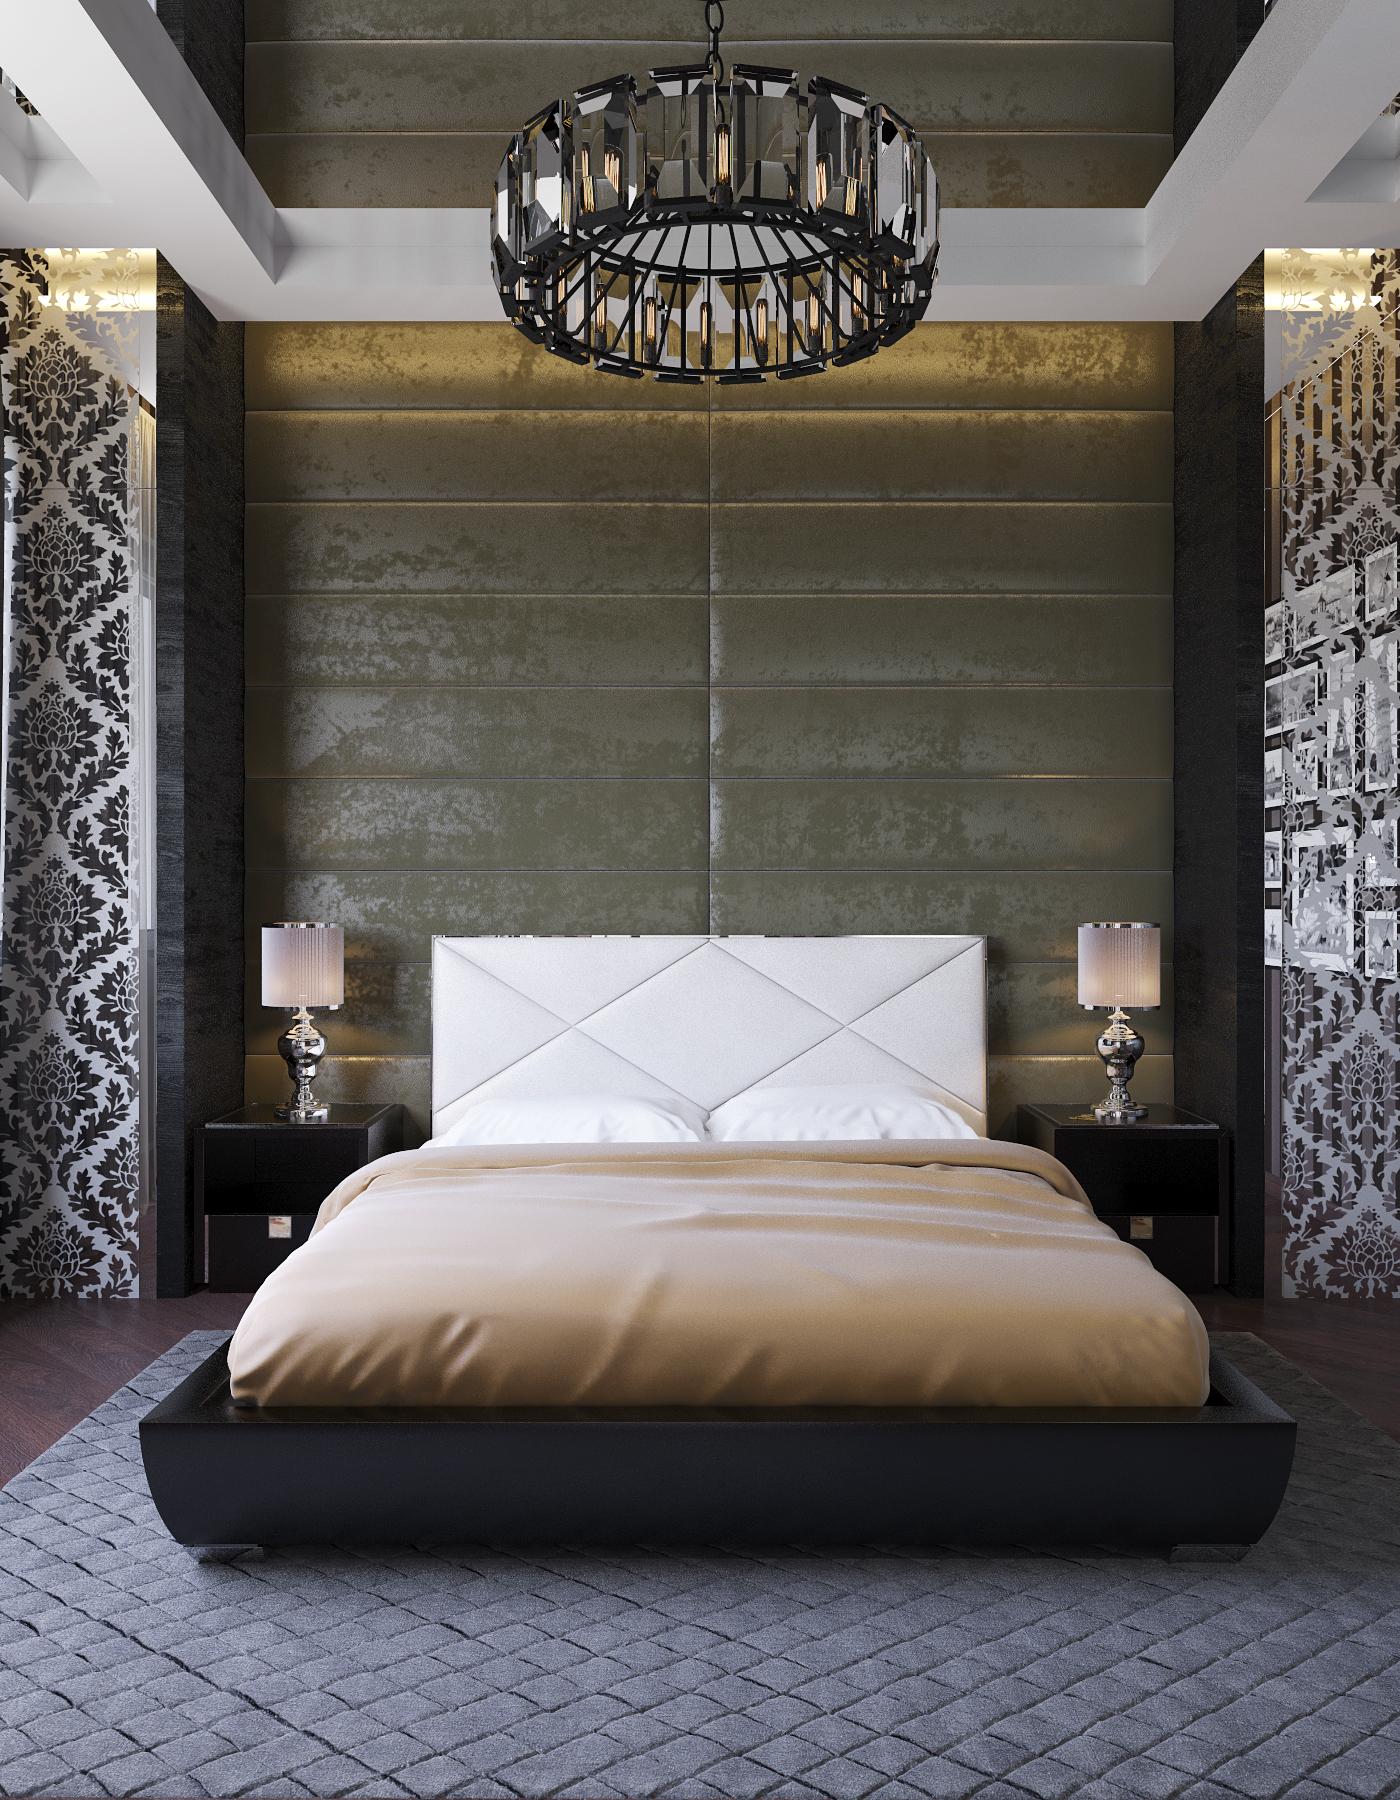 дизайн интерьера спальни (3)